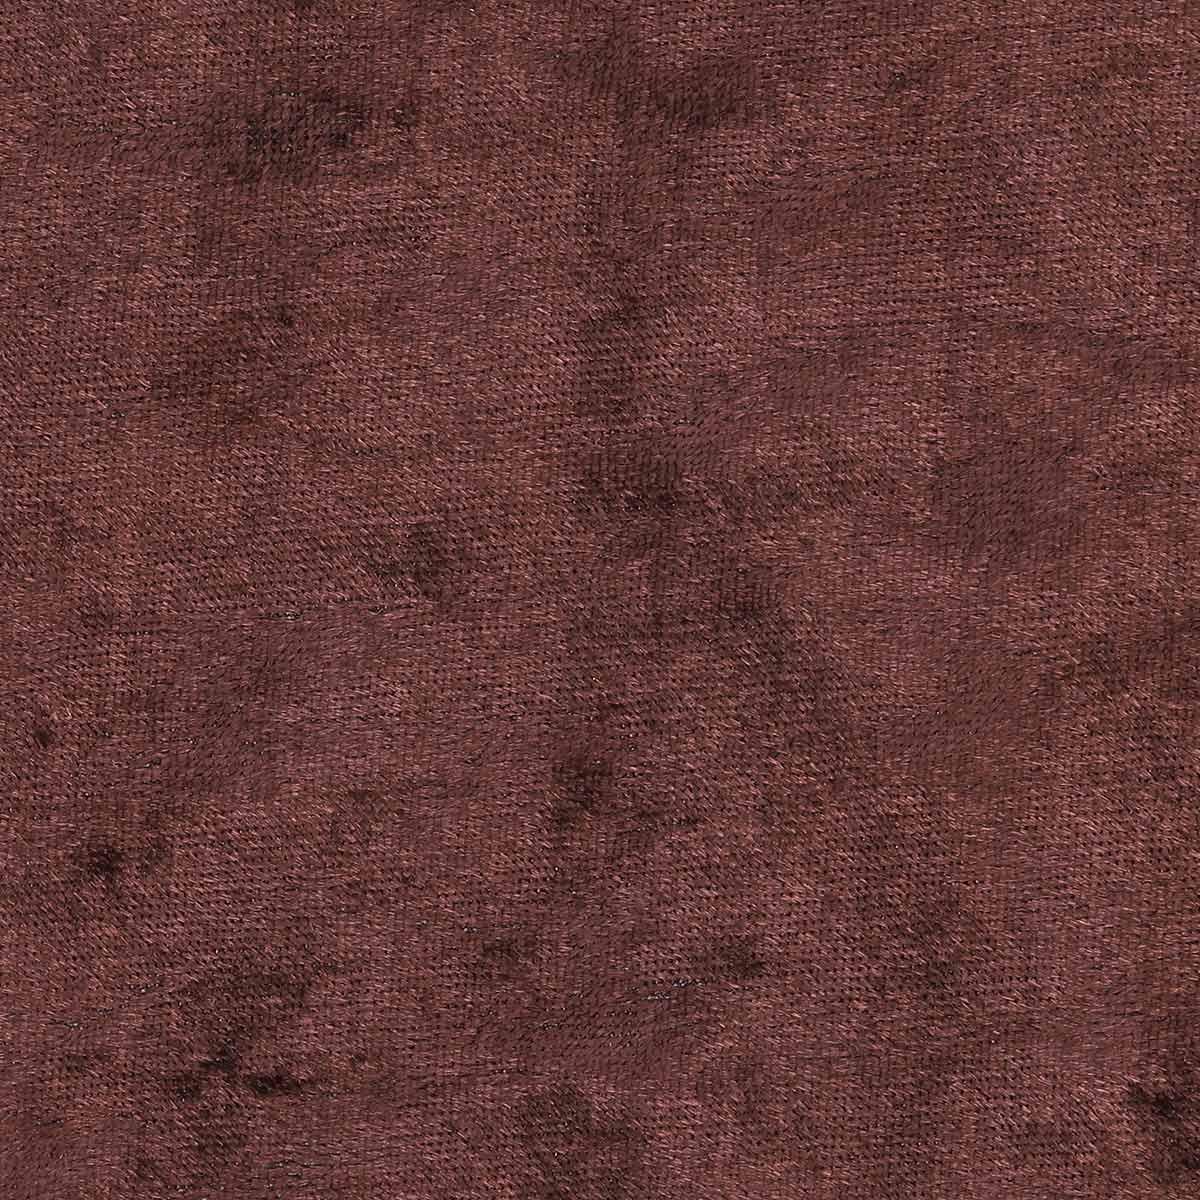 Плюш винтажный 100% п/э 50см*50см (21882 тёмно-коричневый) фото